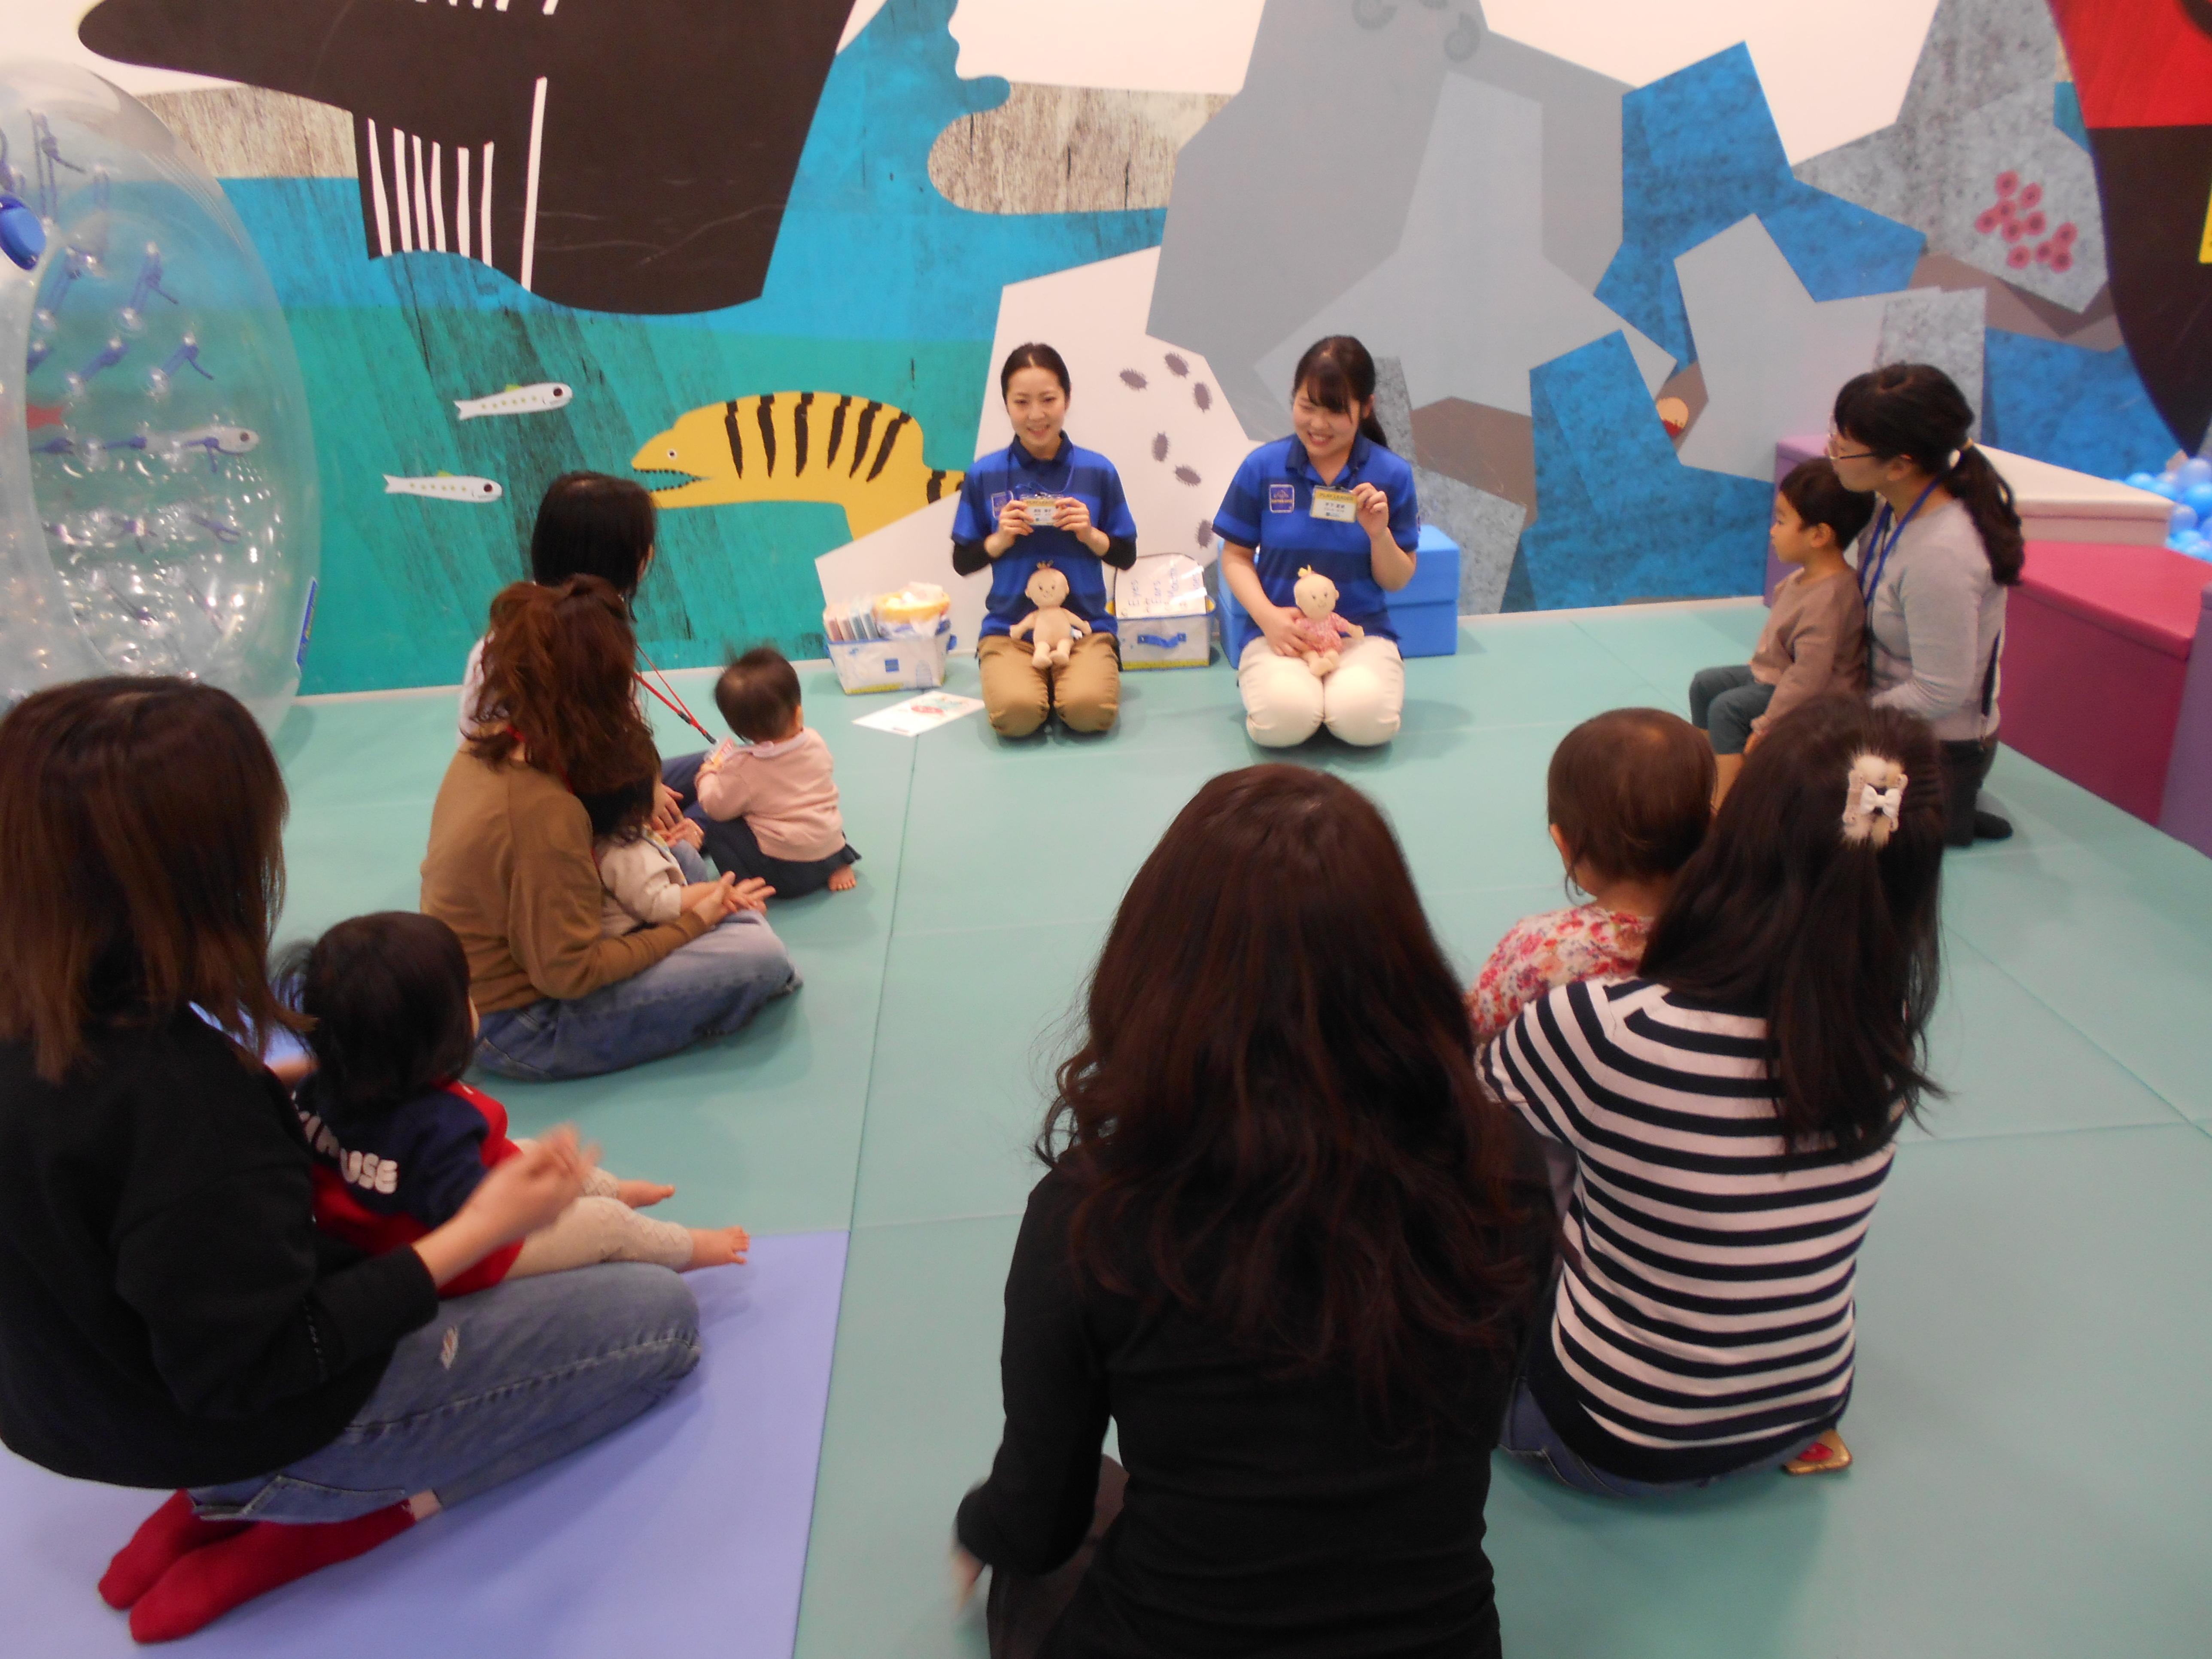 赤ちゃんイベント「1月の手形カレンダー作り」を開催しました!